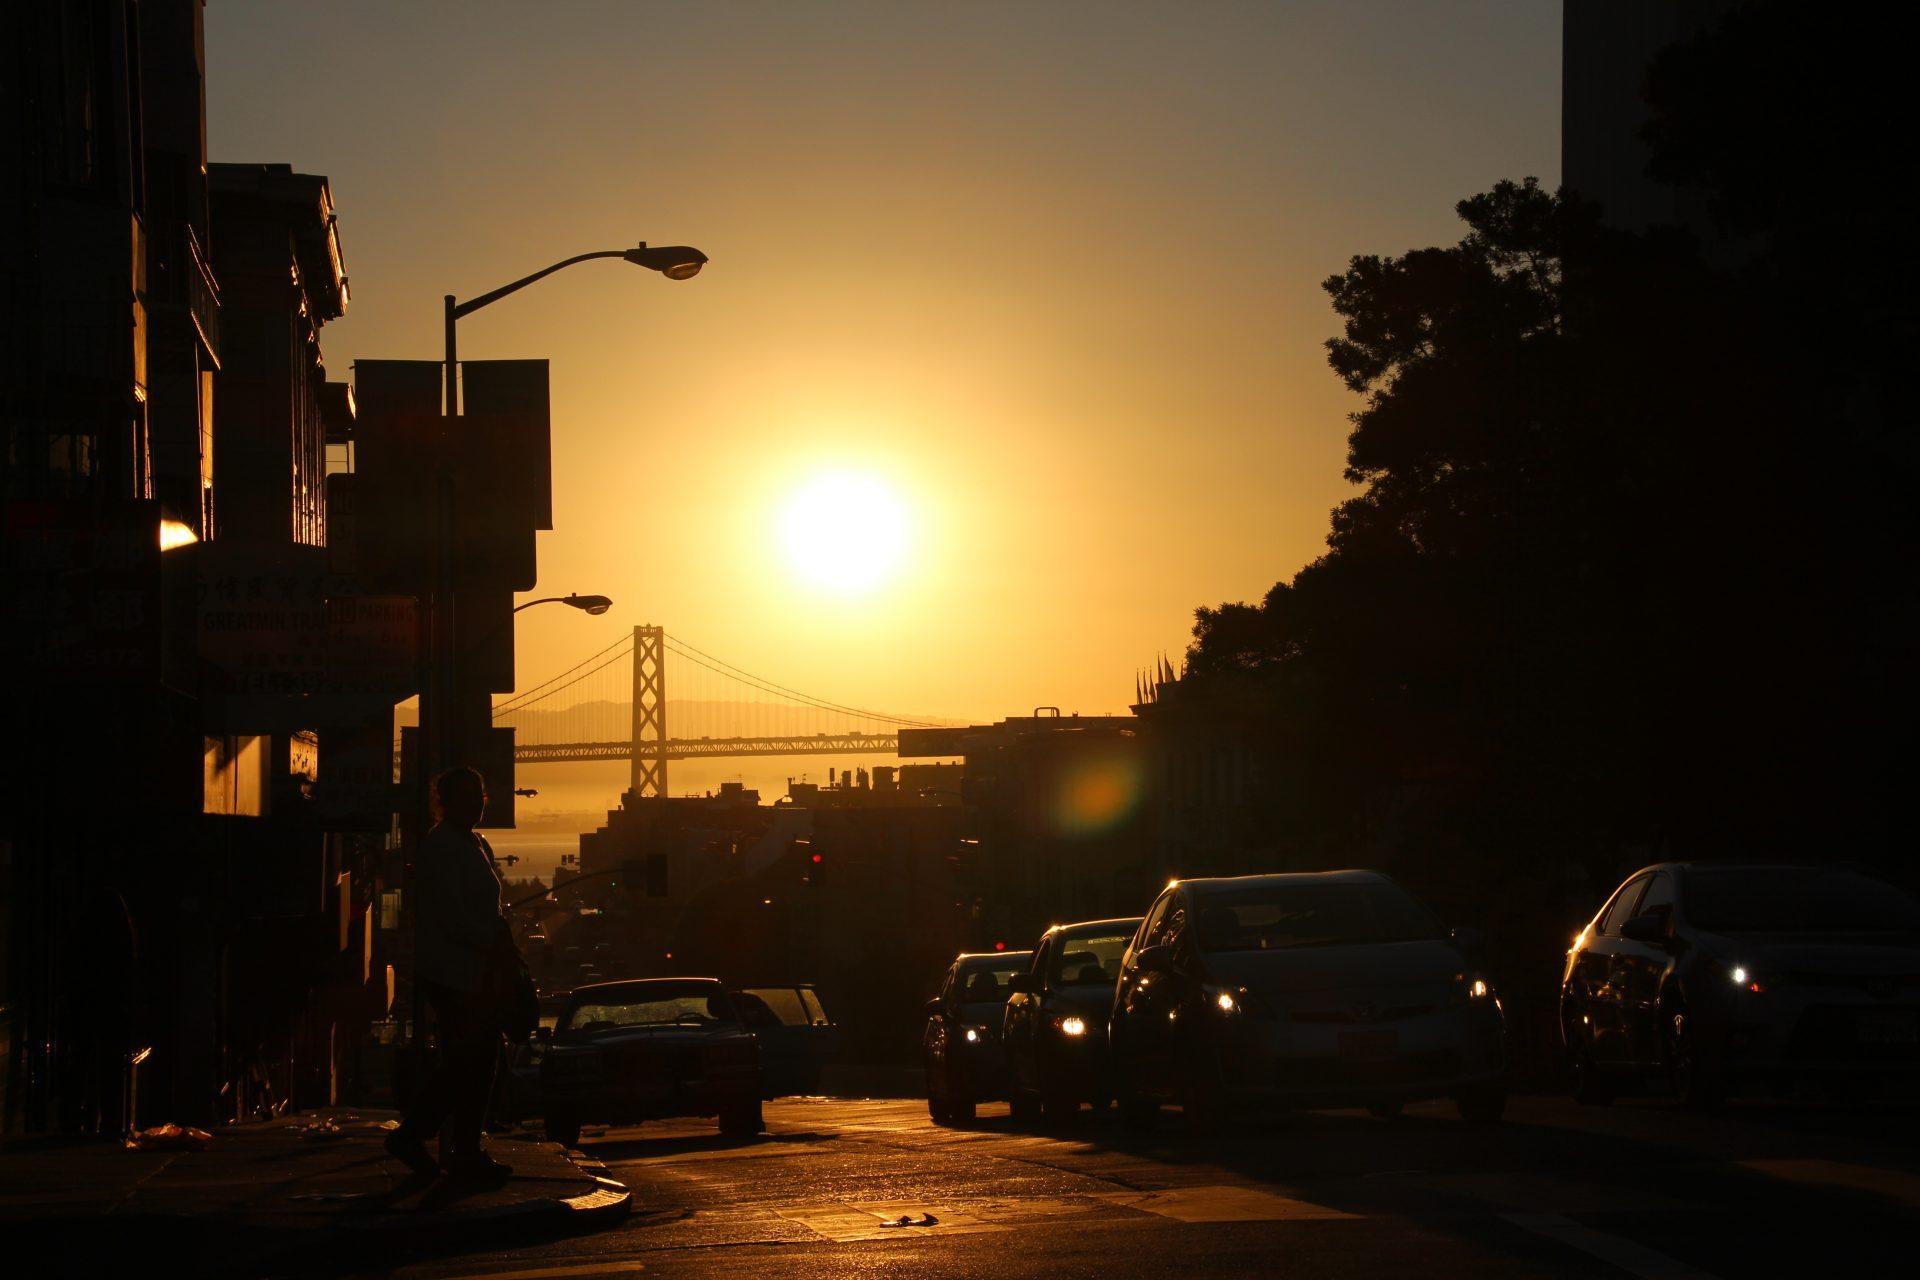 Sonnenaufgang in den Straßen von San Francisco